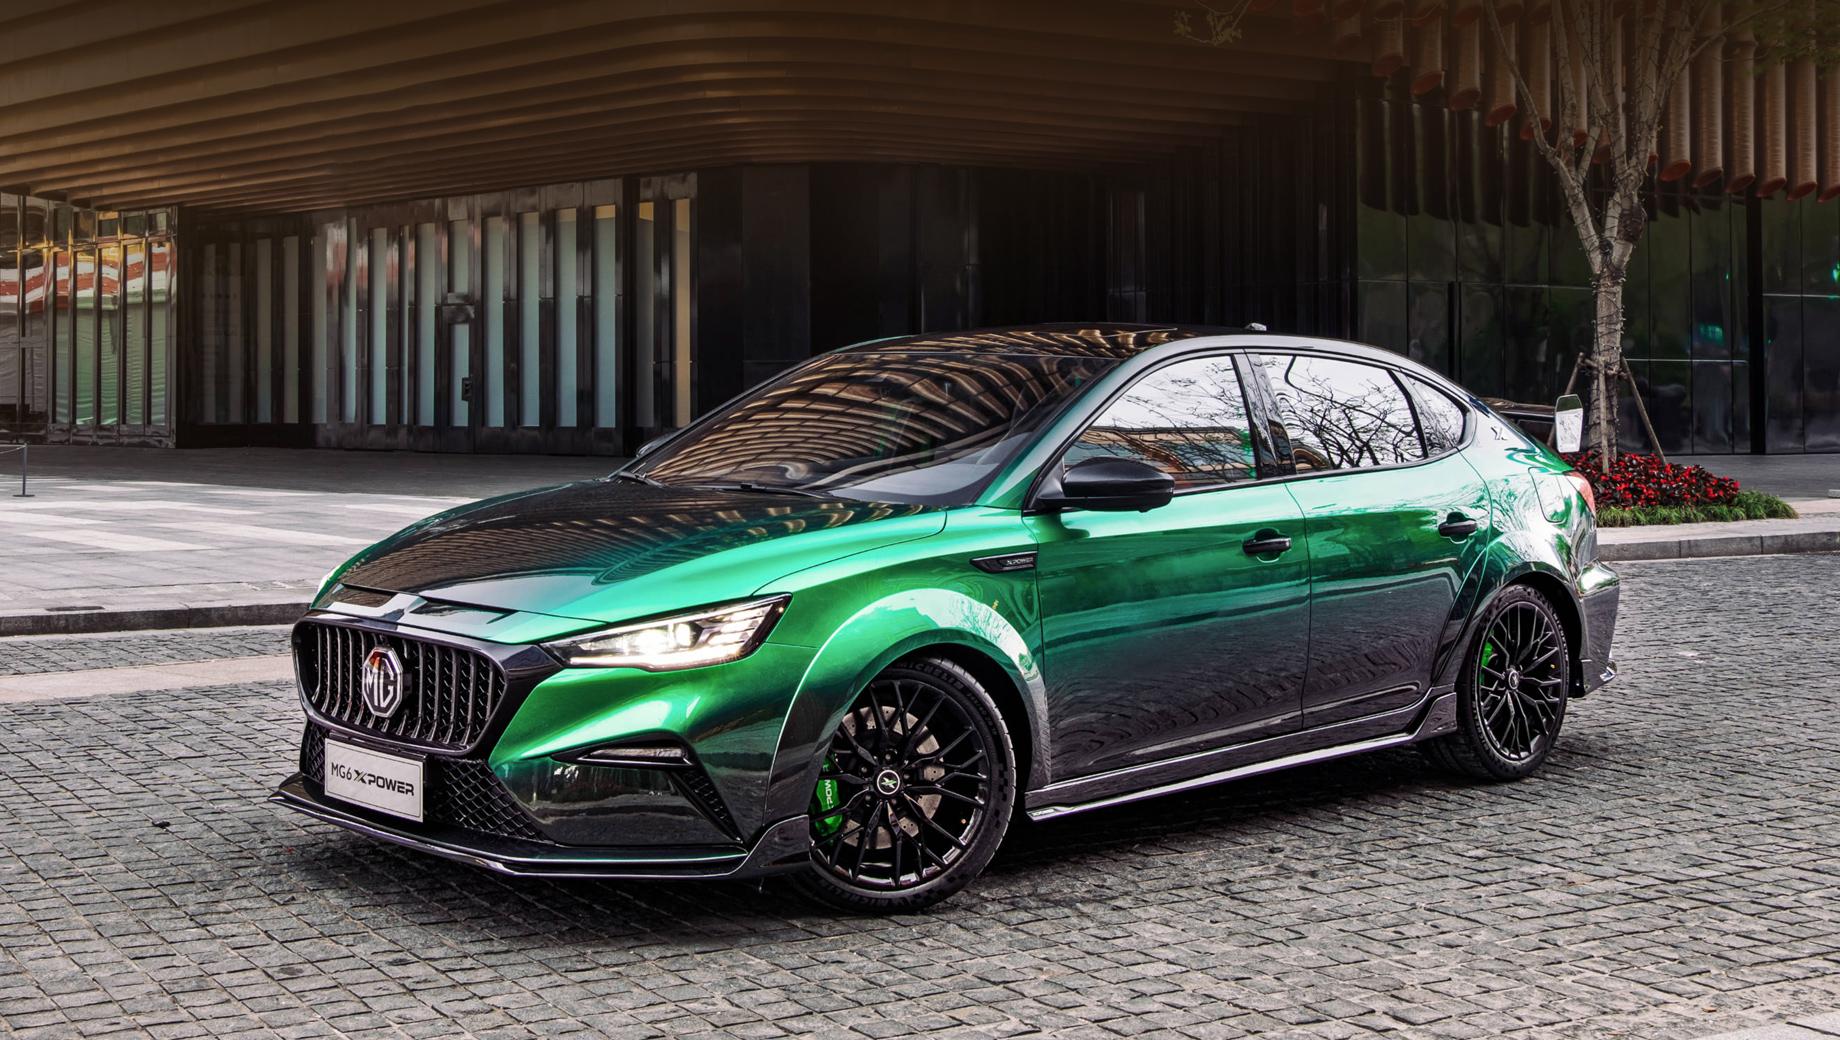 Mg 6,Mg 6 xpower. Первые данные о модели появились в мае, но дебют на публике состоялся на минувших выходных в Шэньчжэне, в рамках автосалона Guangdong-Hongkong-Macao Great Bay International Auto Show.